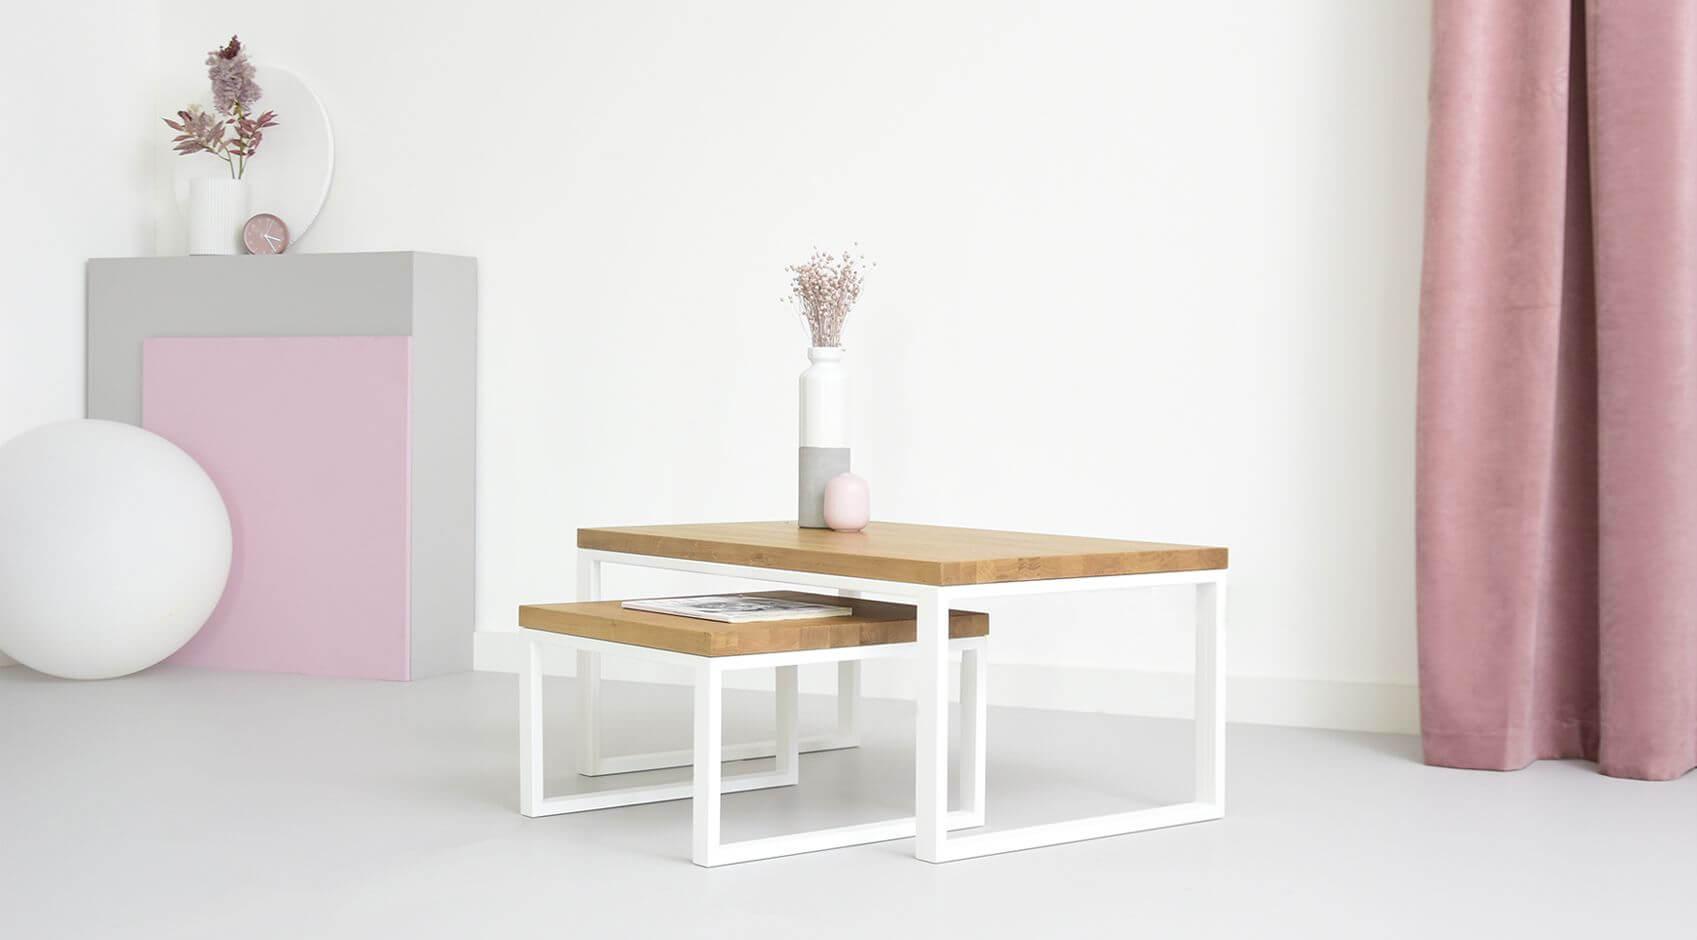 4-biale-stoliki-stal-drewno-nowoczesne